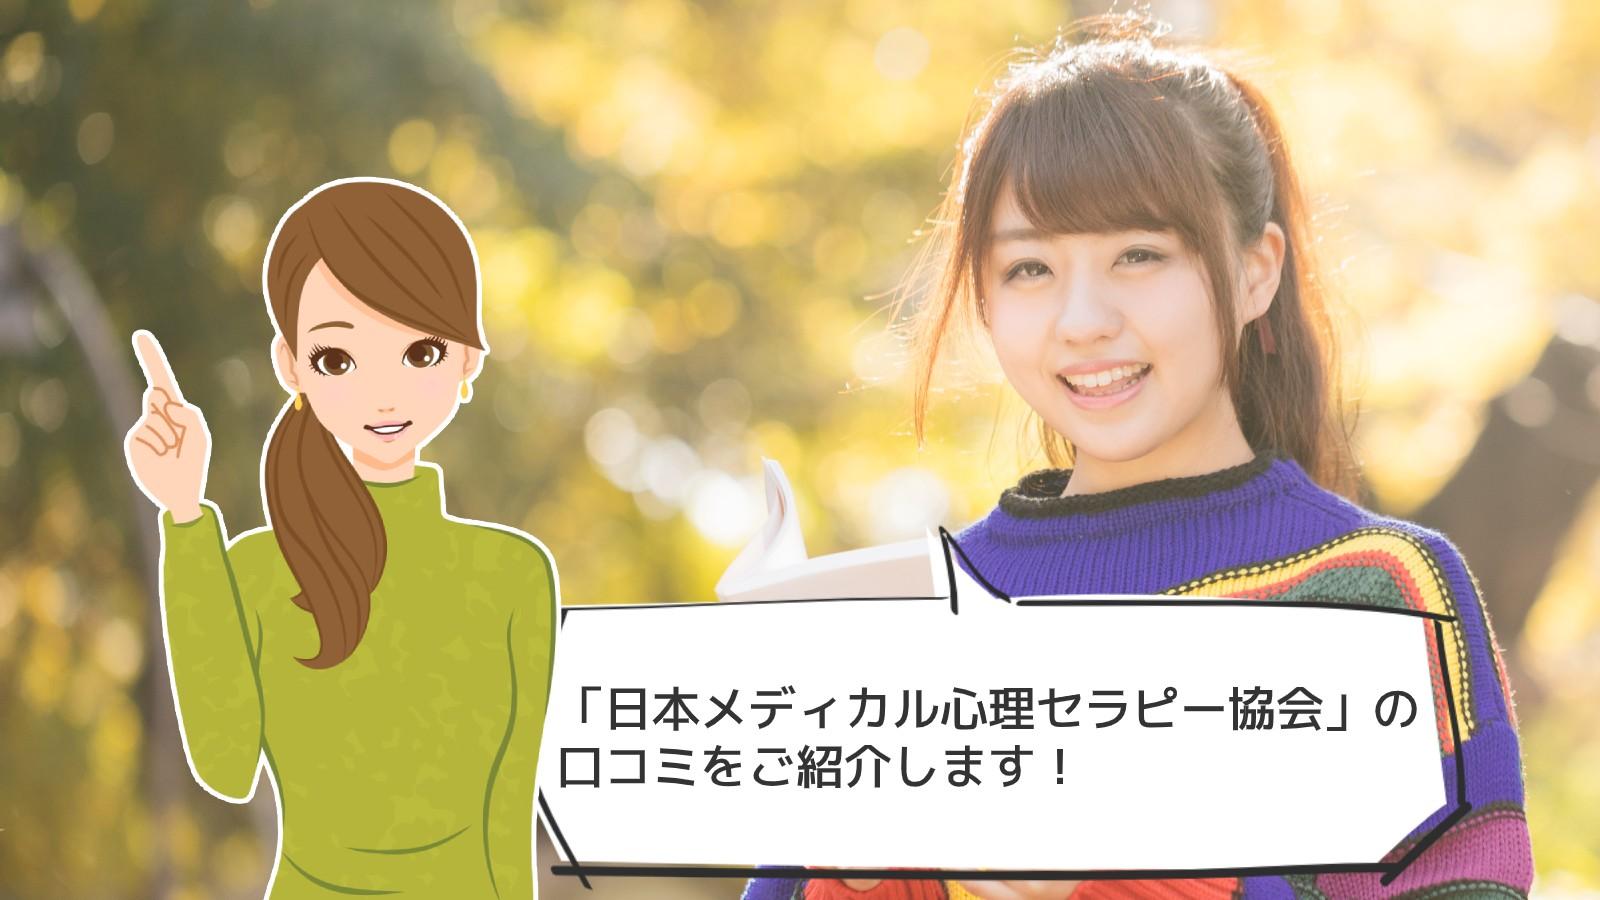 「日本メディカル心理セラピー協会」のアイキャッチ画像